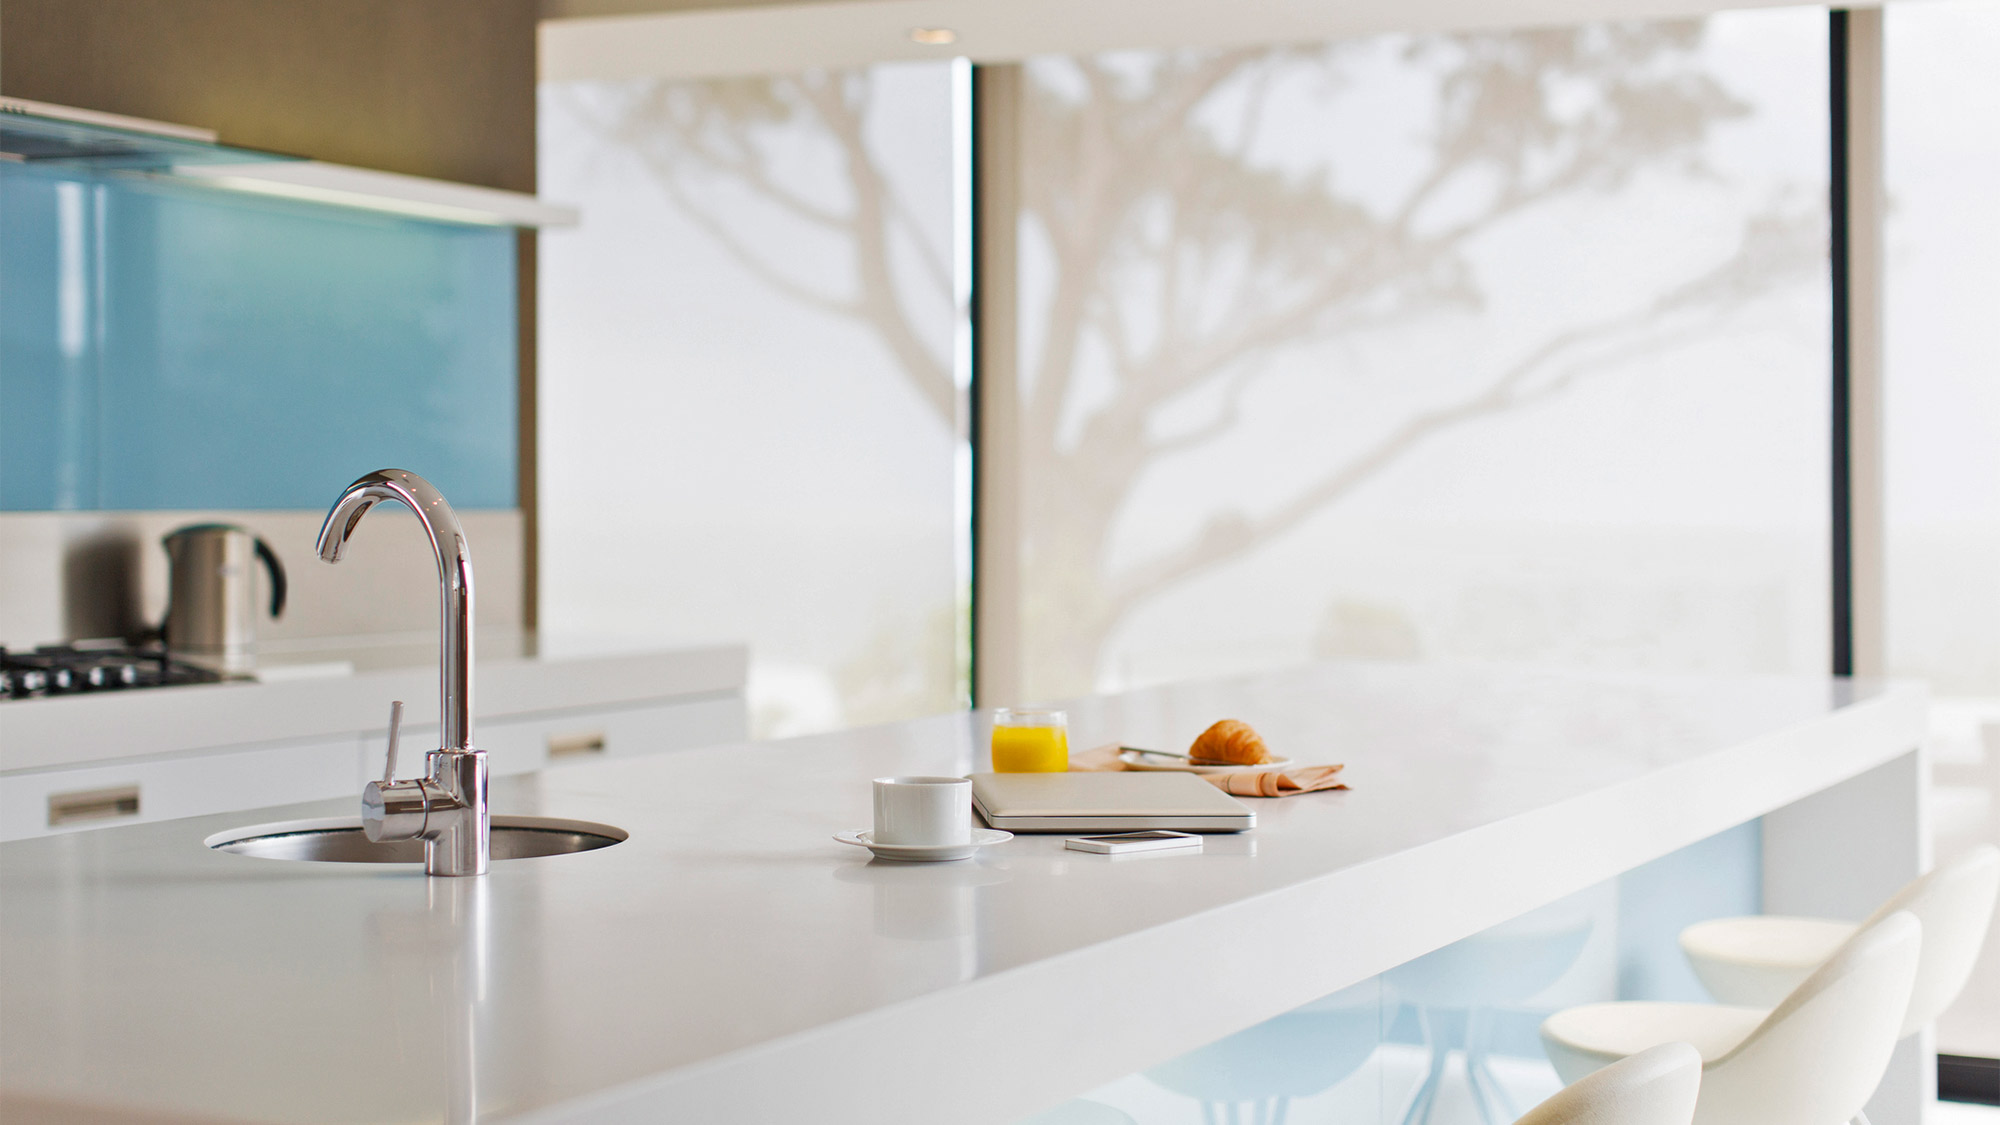 ایده های کاربردی و آسان جهت تمیز کردن خانه